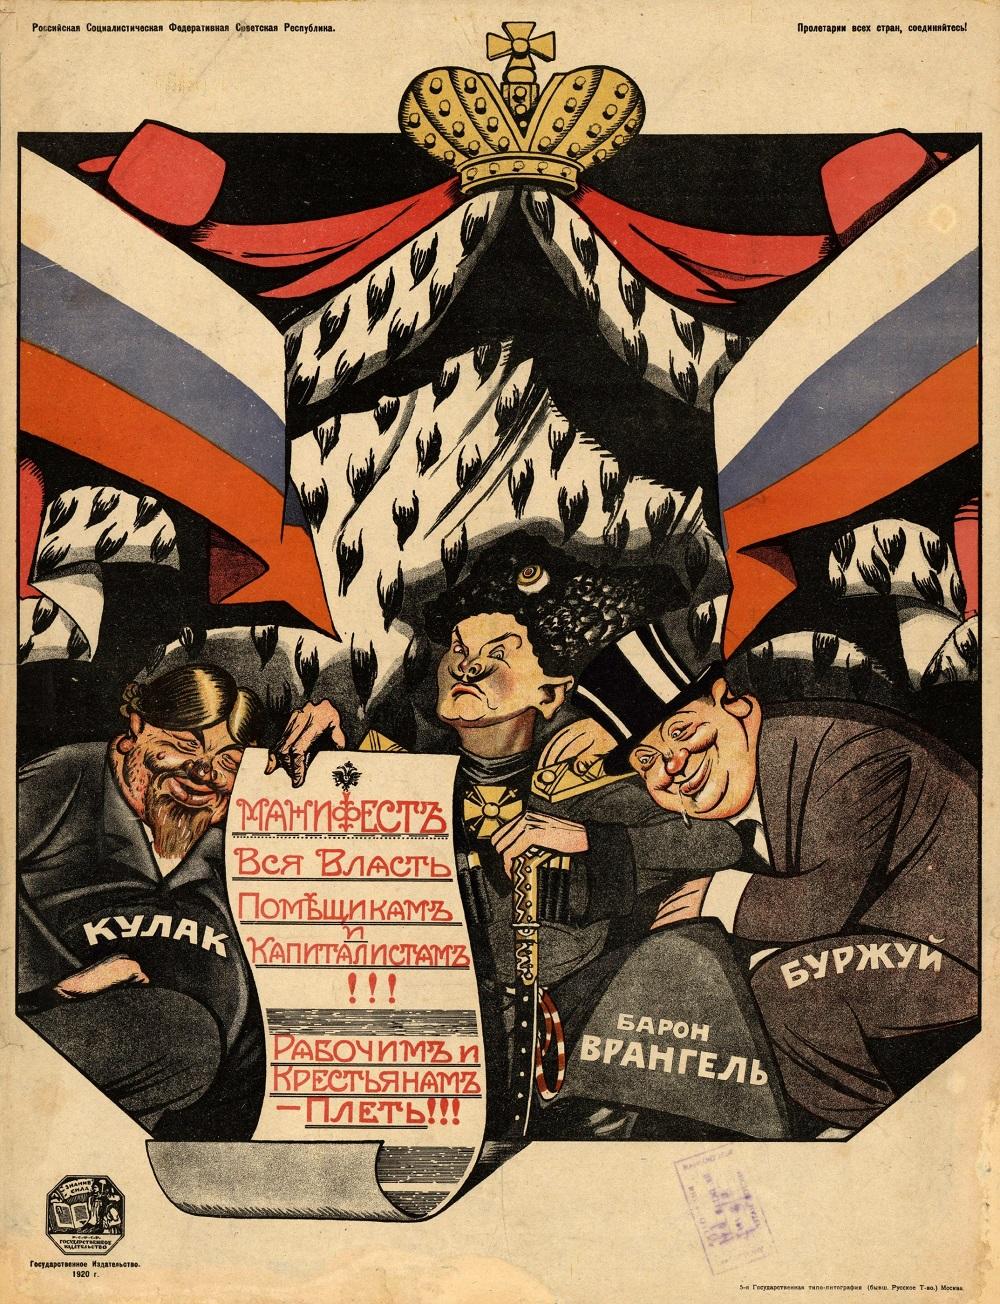 Агітаційний плакат більшовиків. Автор - В.Дені